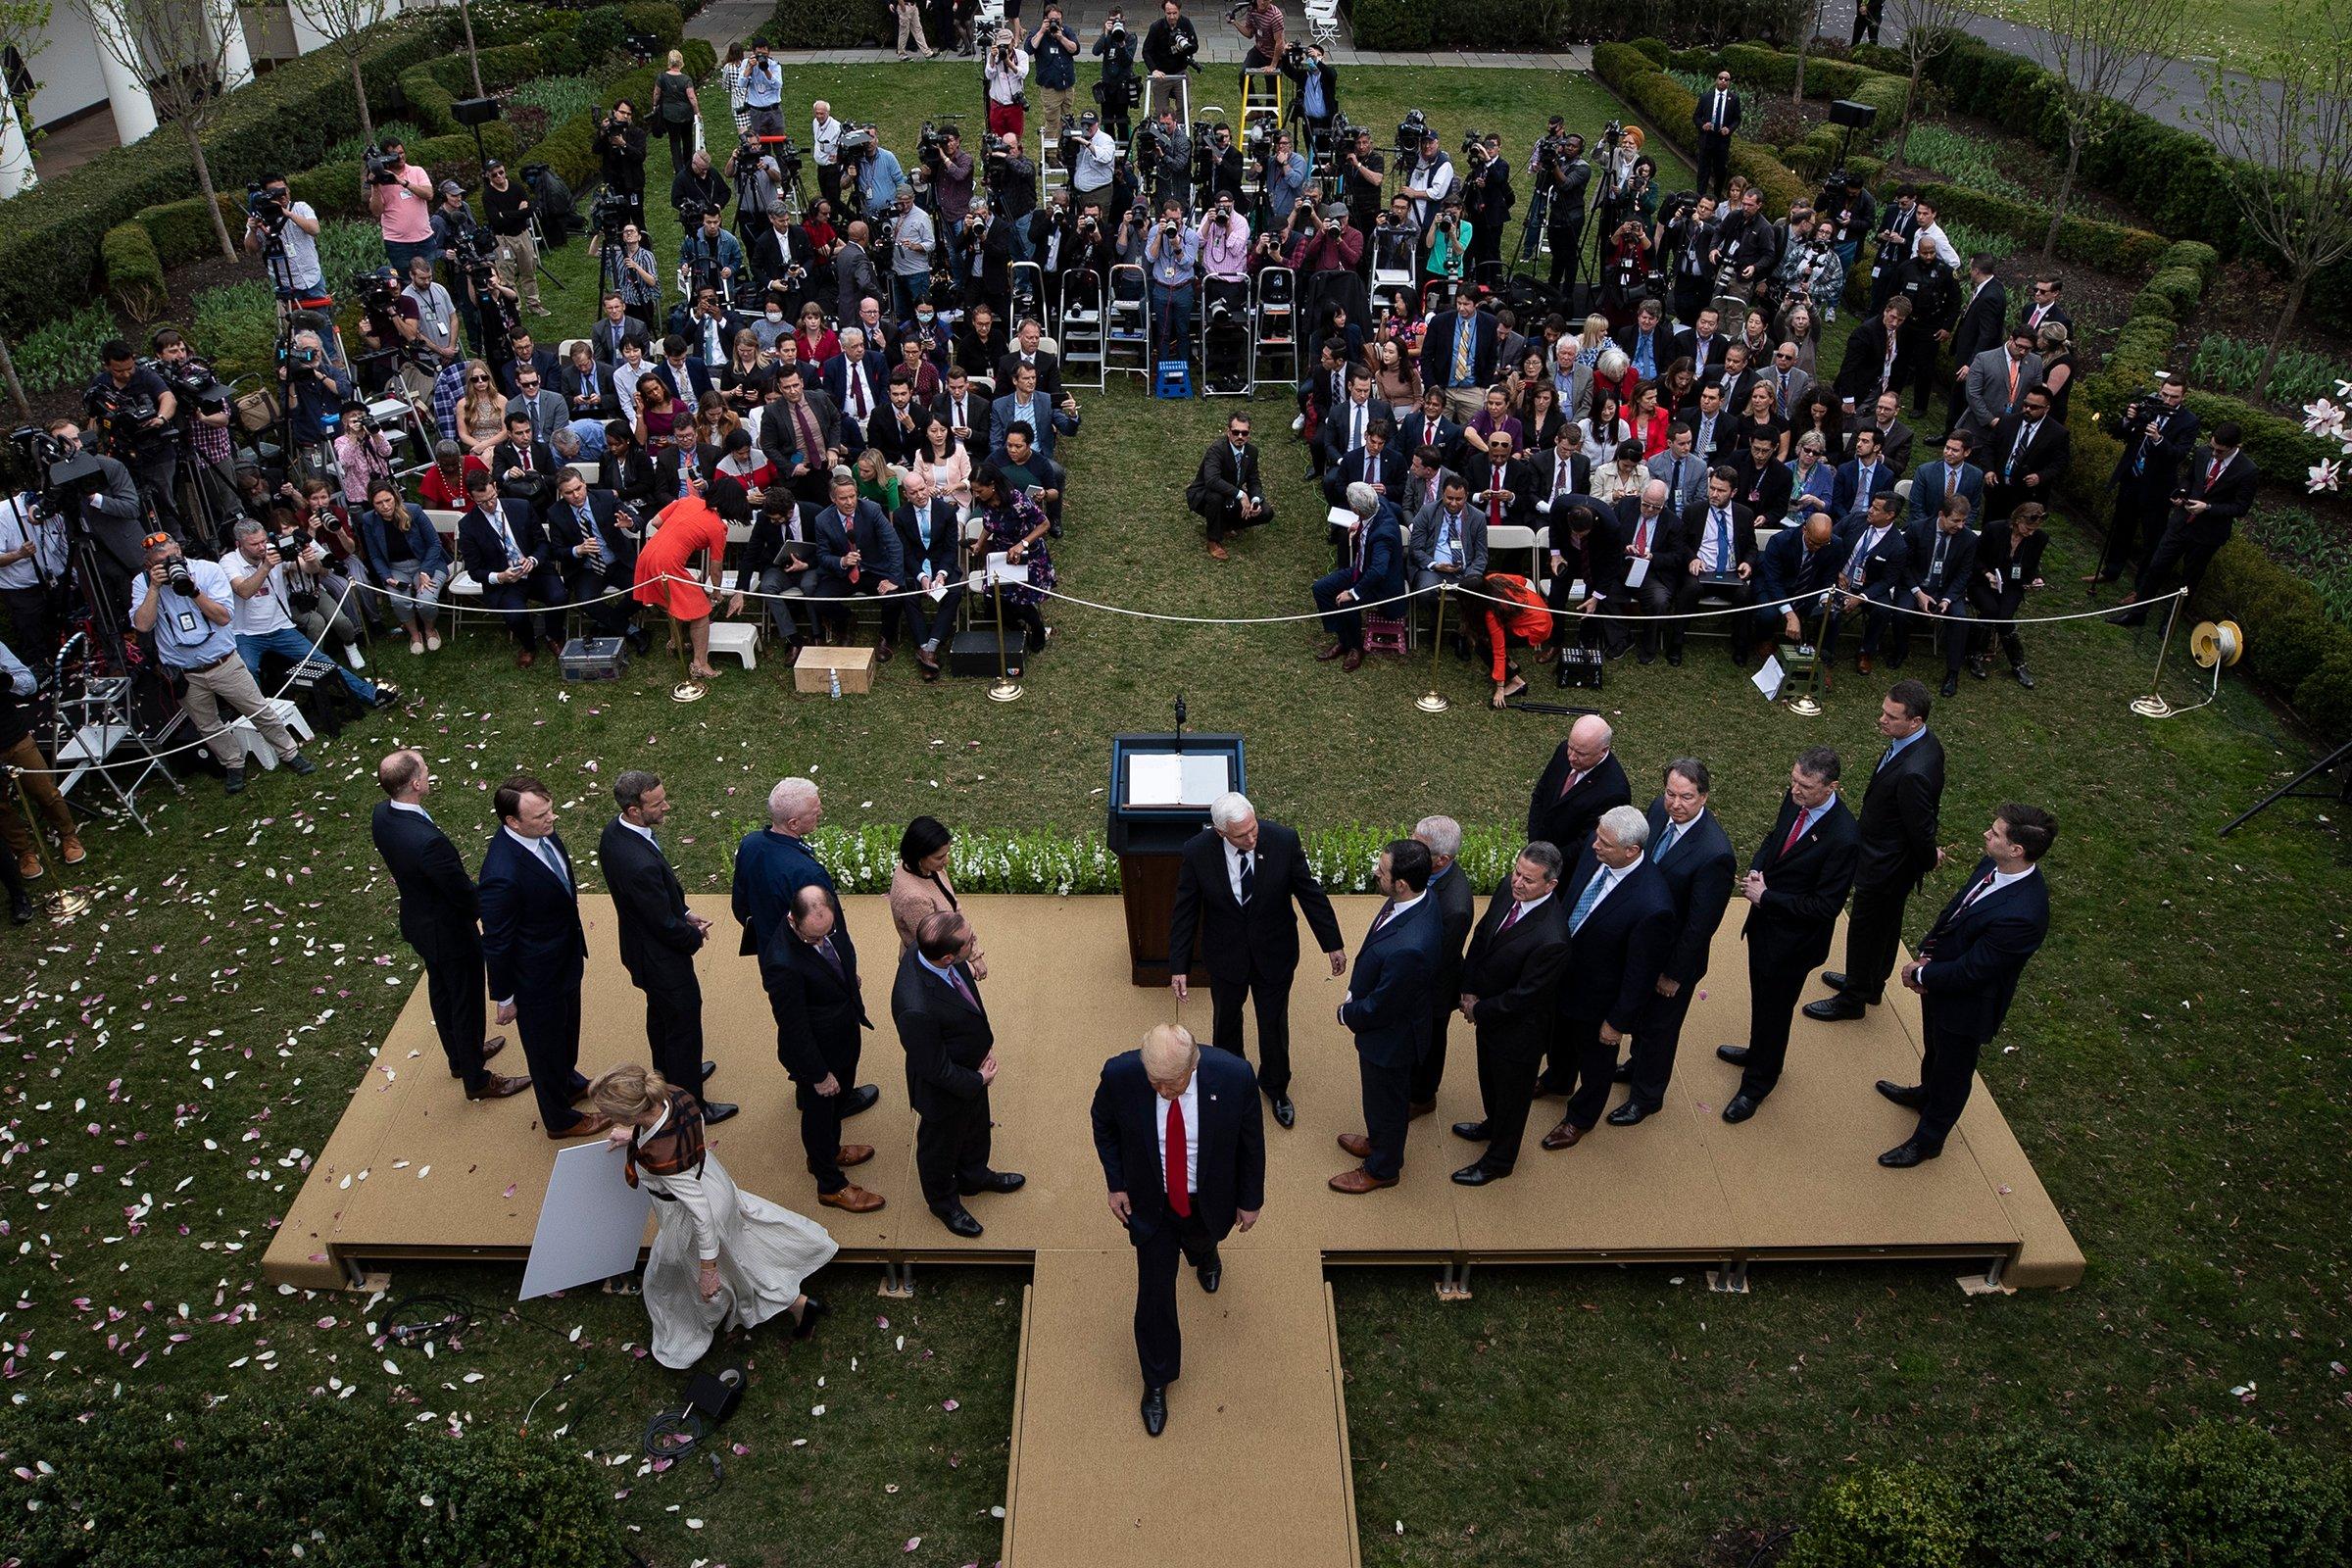 O presidente Trump deixa o pódio depois de anunciar uma emergência nacional durante uma entrevista coletiva sobre o coronavírus na Casa Branca em Washington, DC, em 13 de março.